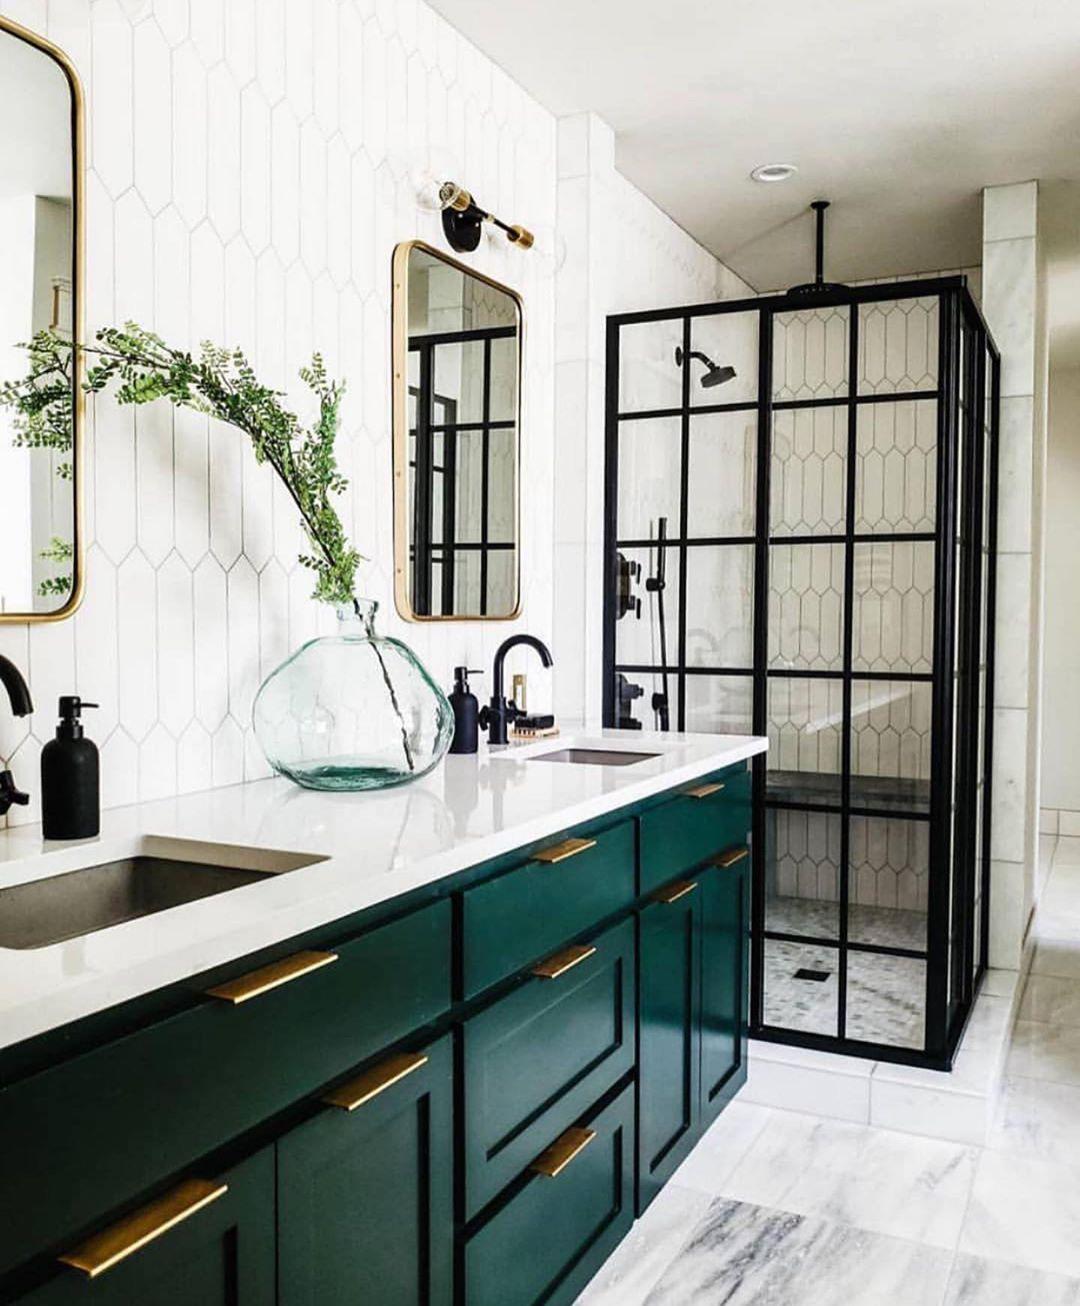 tendências de decoração de interiores (2)